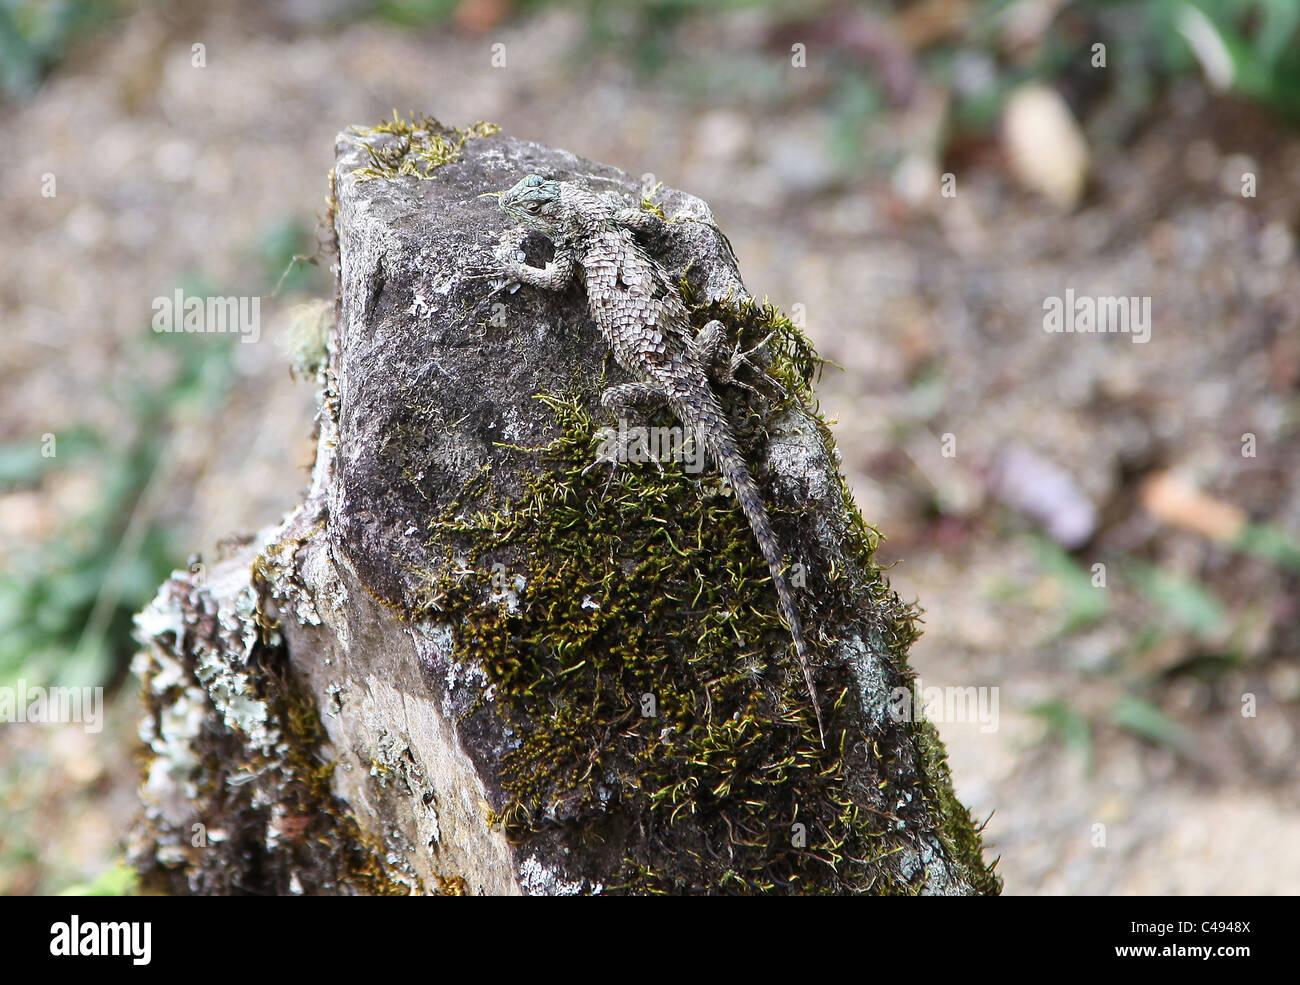 Un pequeño lagarto gris escamosa encontrados en Costa Rica Imagen De Stock